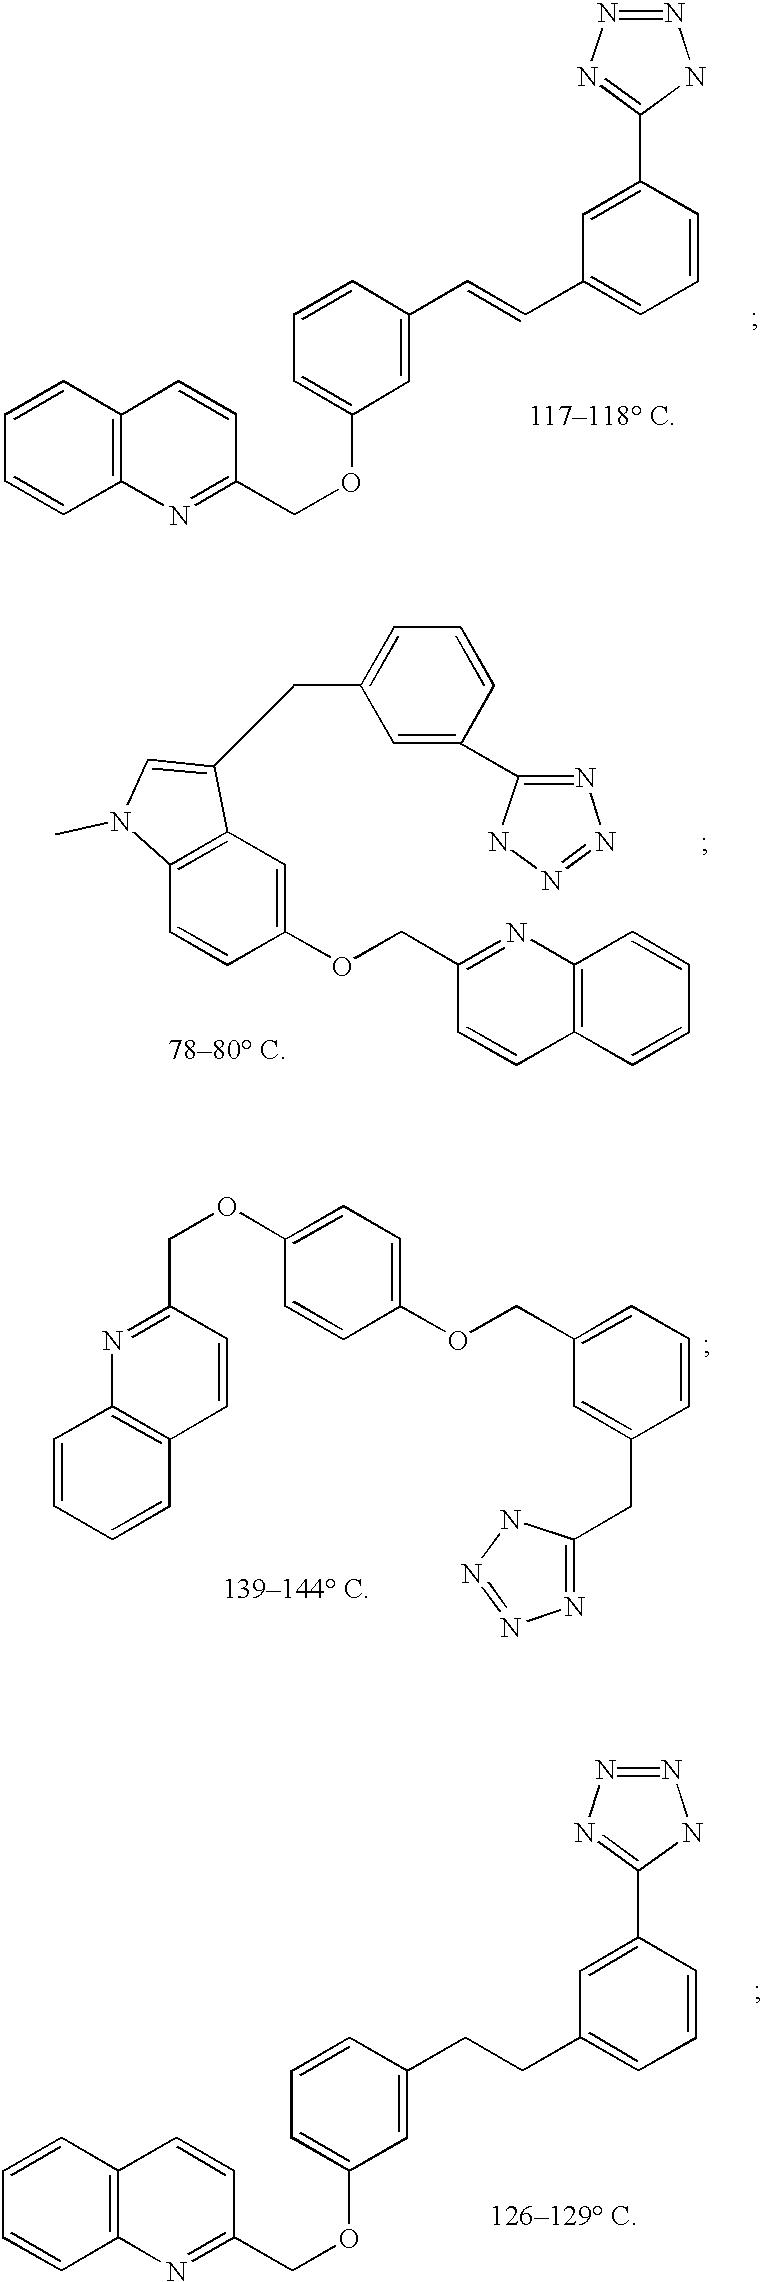 Figure US20030220373A1-20031127-C00294